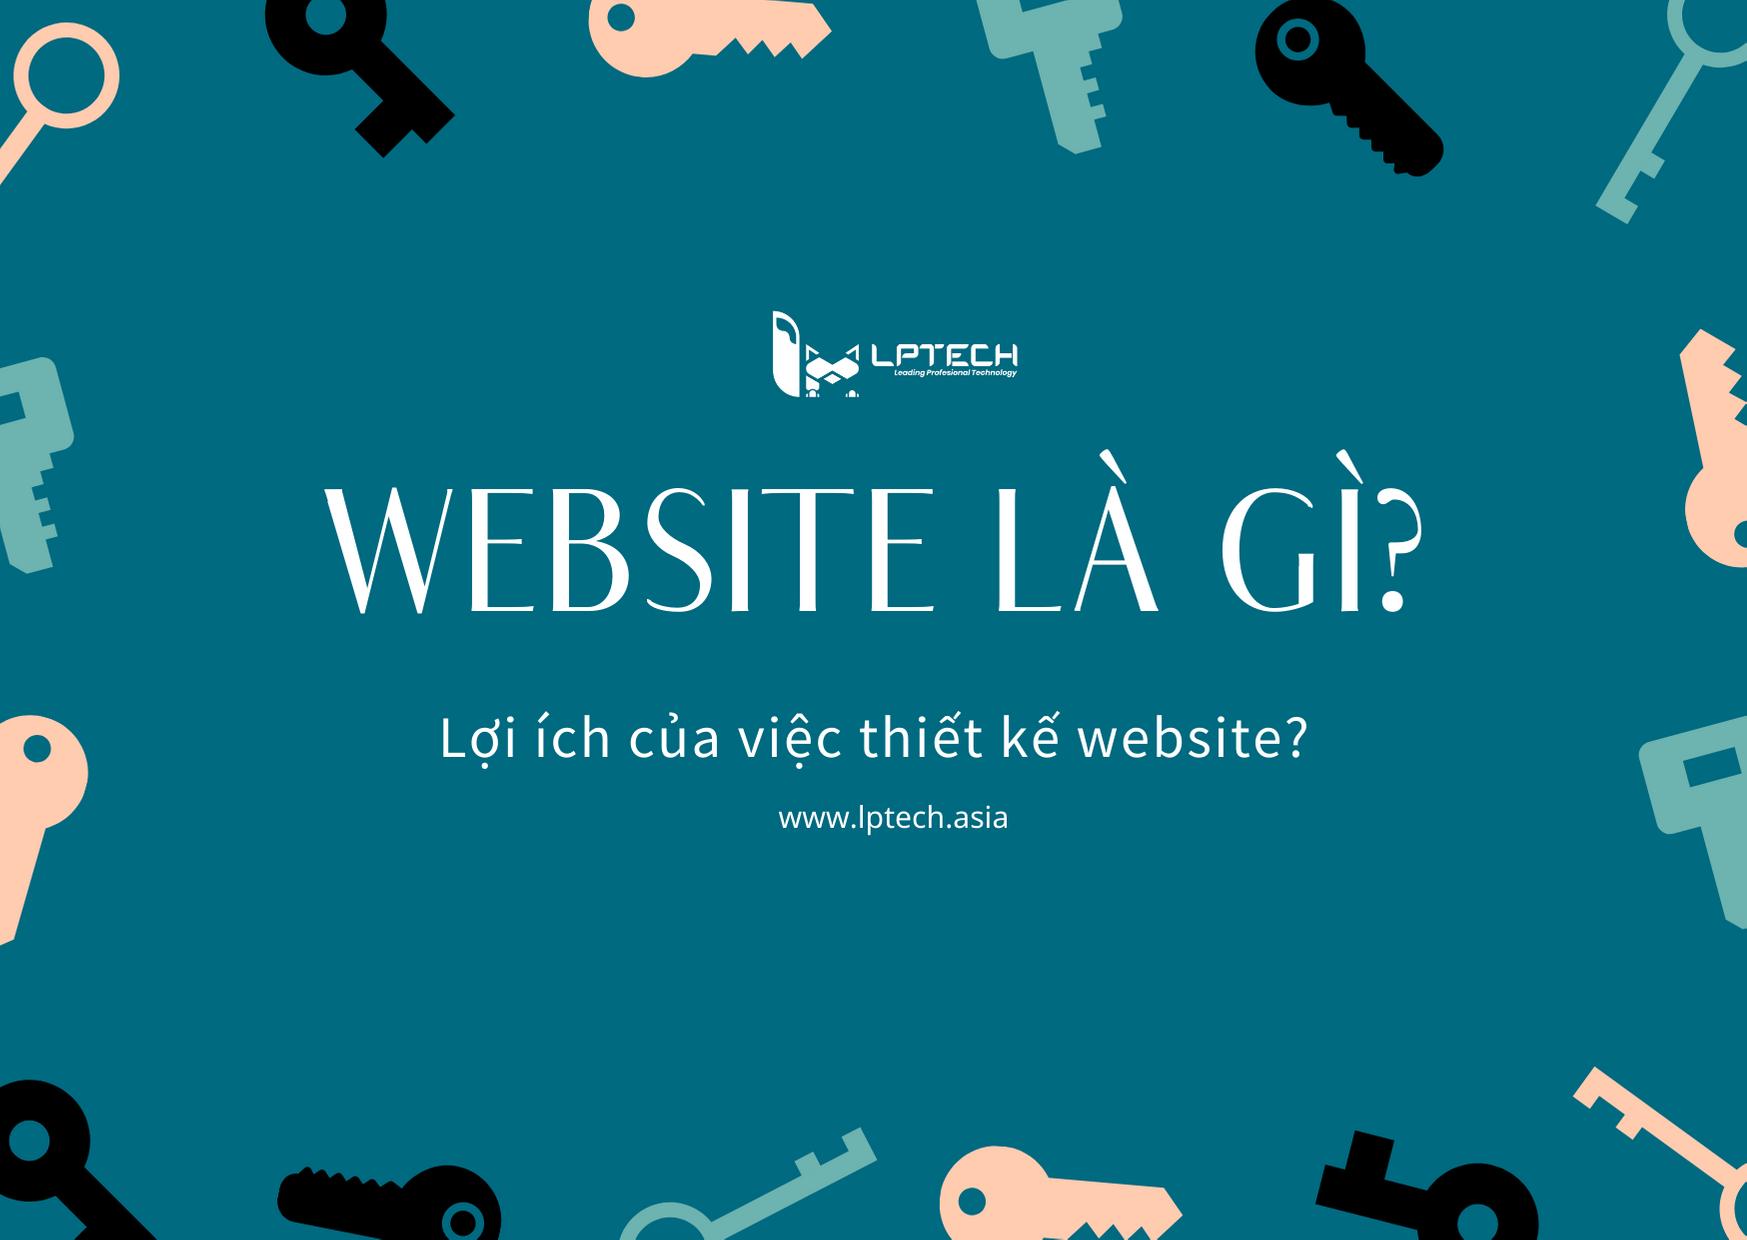 Website là gì? Lợi ích của việc thiết kế website ra sao?